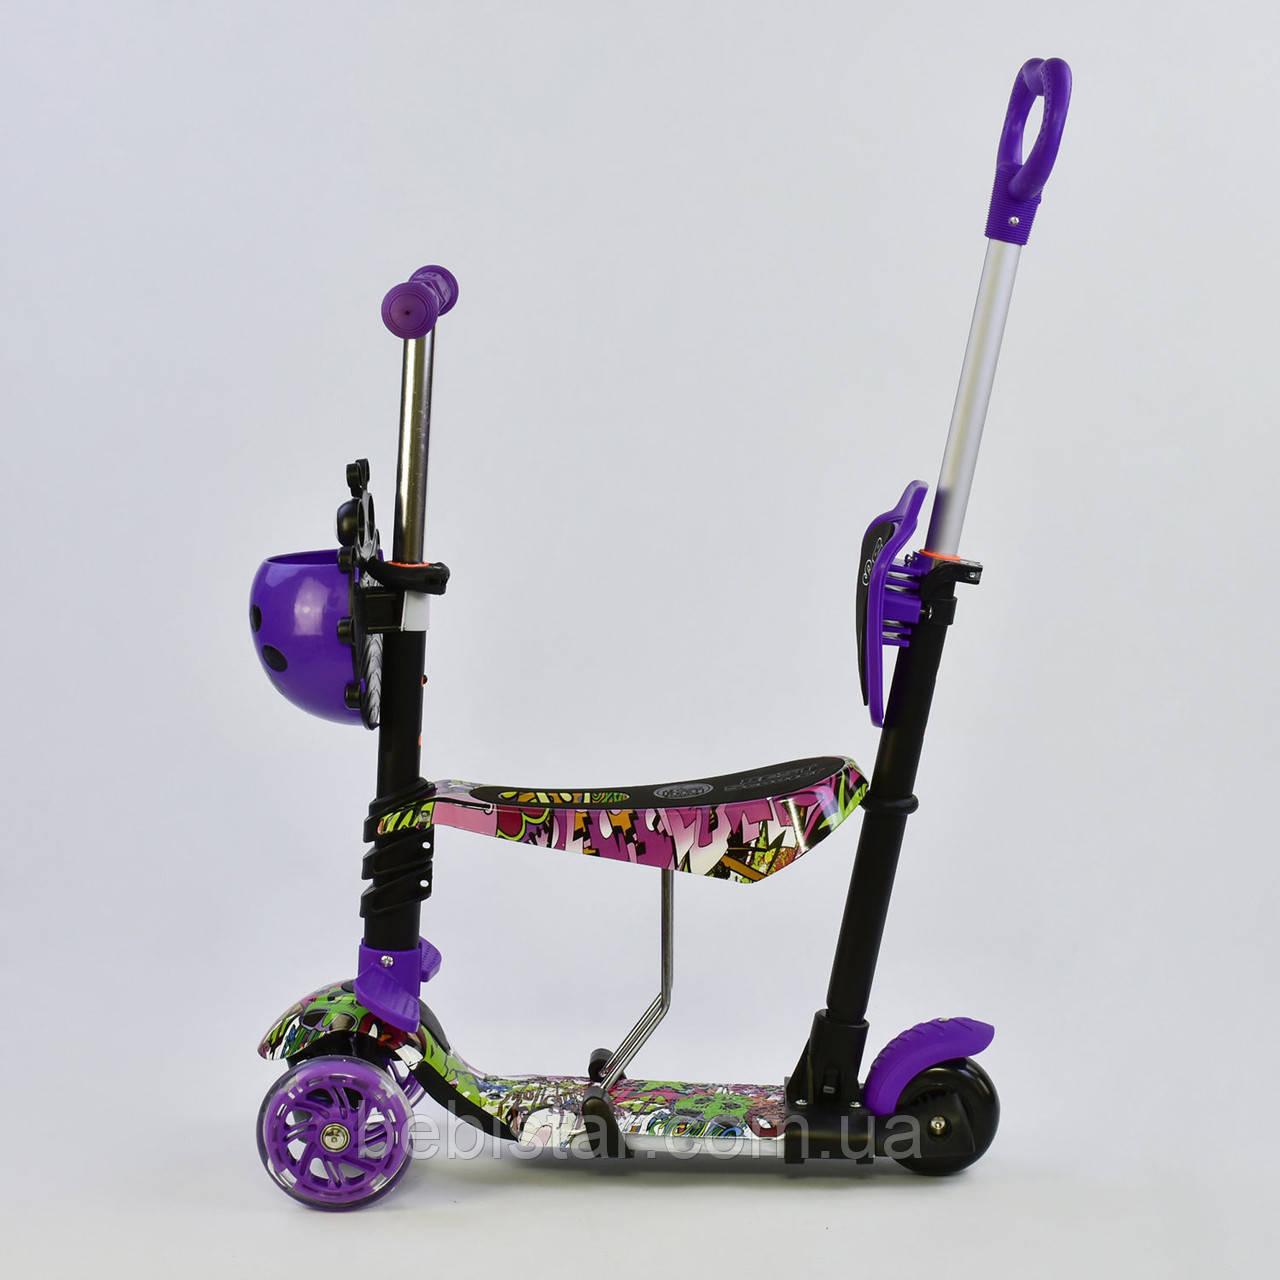 Самокат беговел коляска фиолетово-черный с ручкой подсветкой платформы и светящимися колесами малышу от 1года